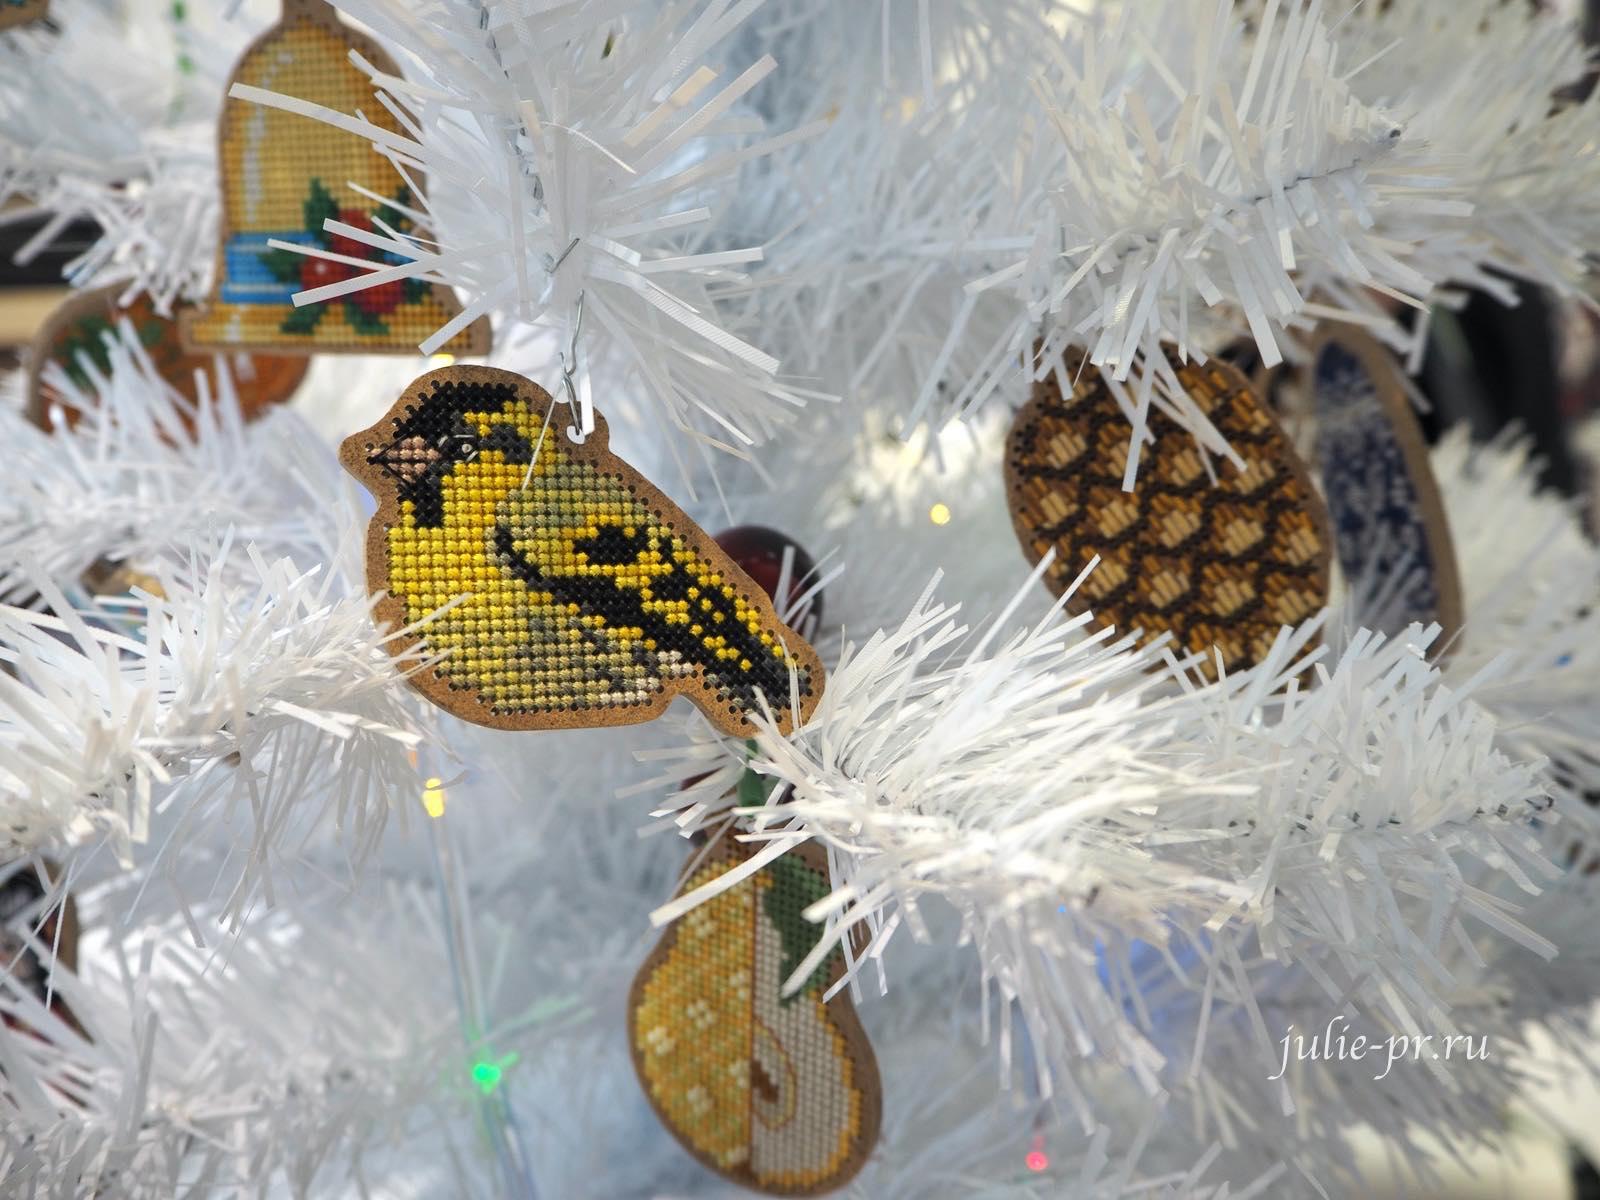 Дивная вишня, вышивка крестом по дереву